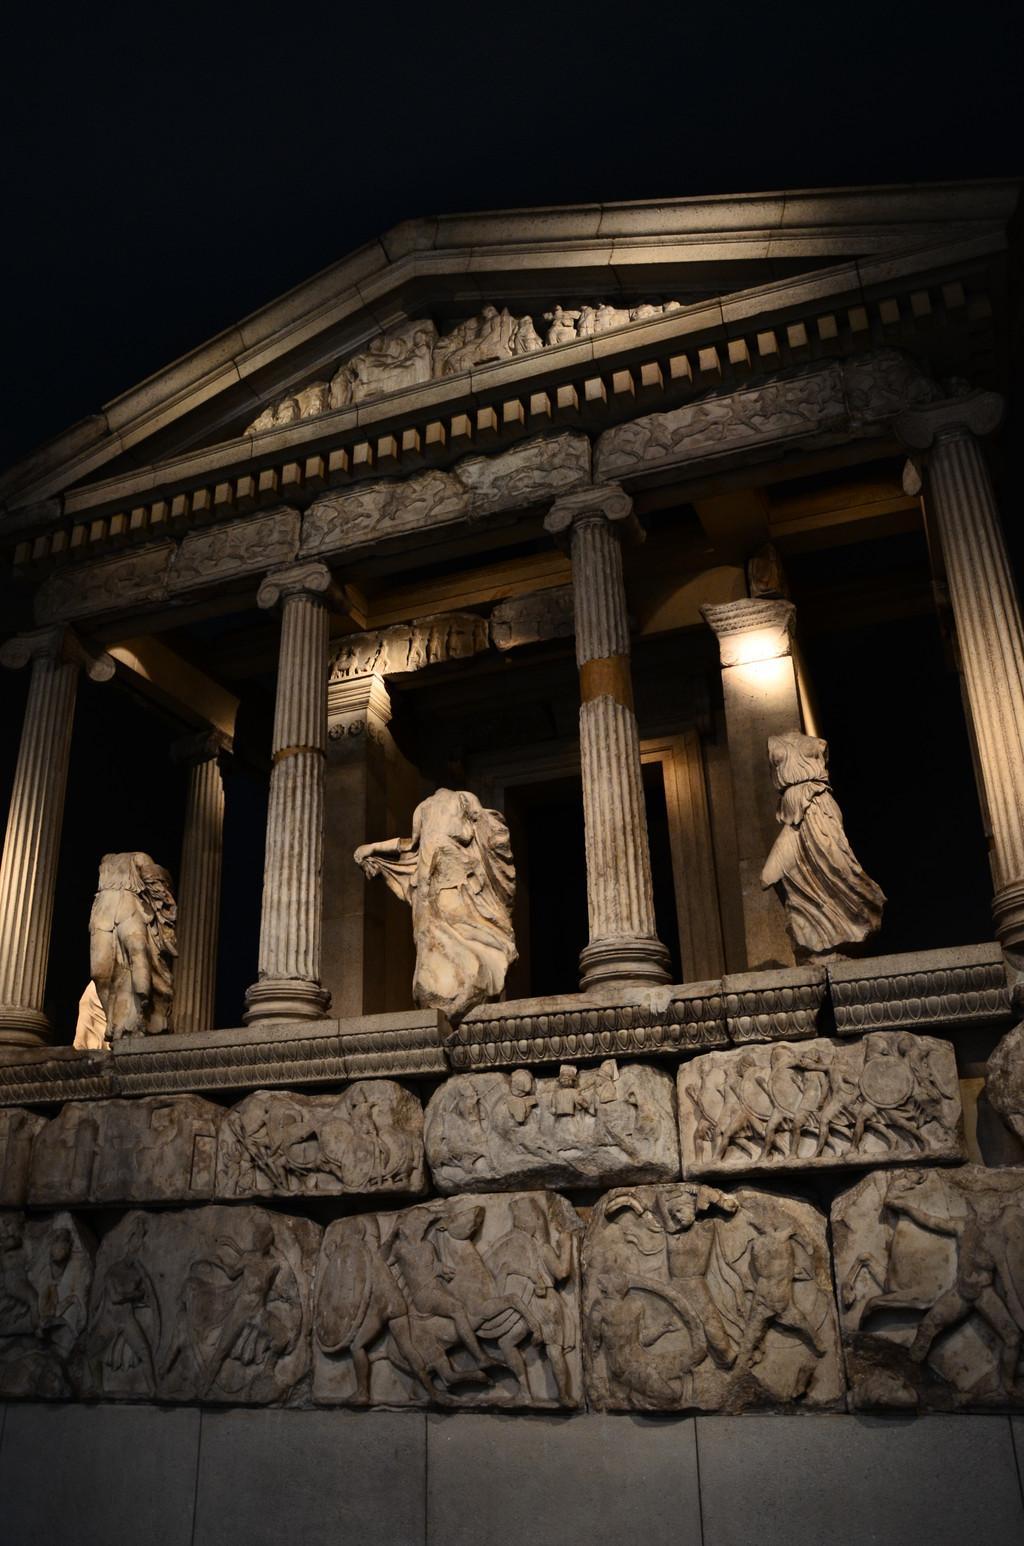 伦敦福尔摩斯博物馆_5月伦敦人文摄影5日游,福尔摩斯博物馆、大英博物馆、白金汉宫 ...